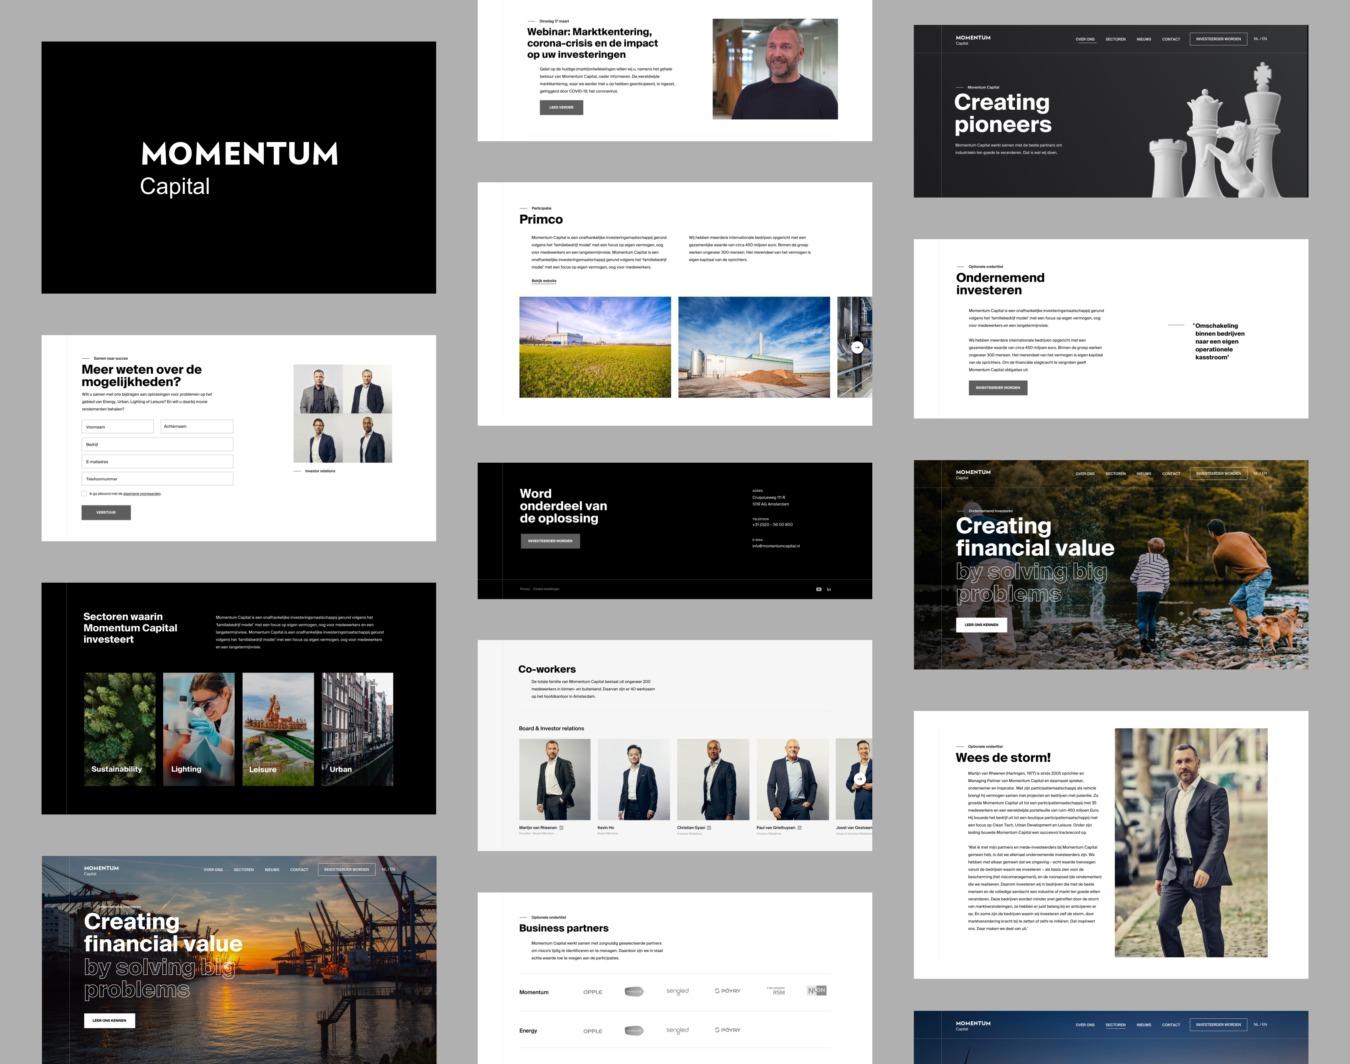 Websitecomponenten van Momentum Capital